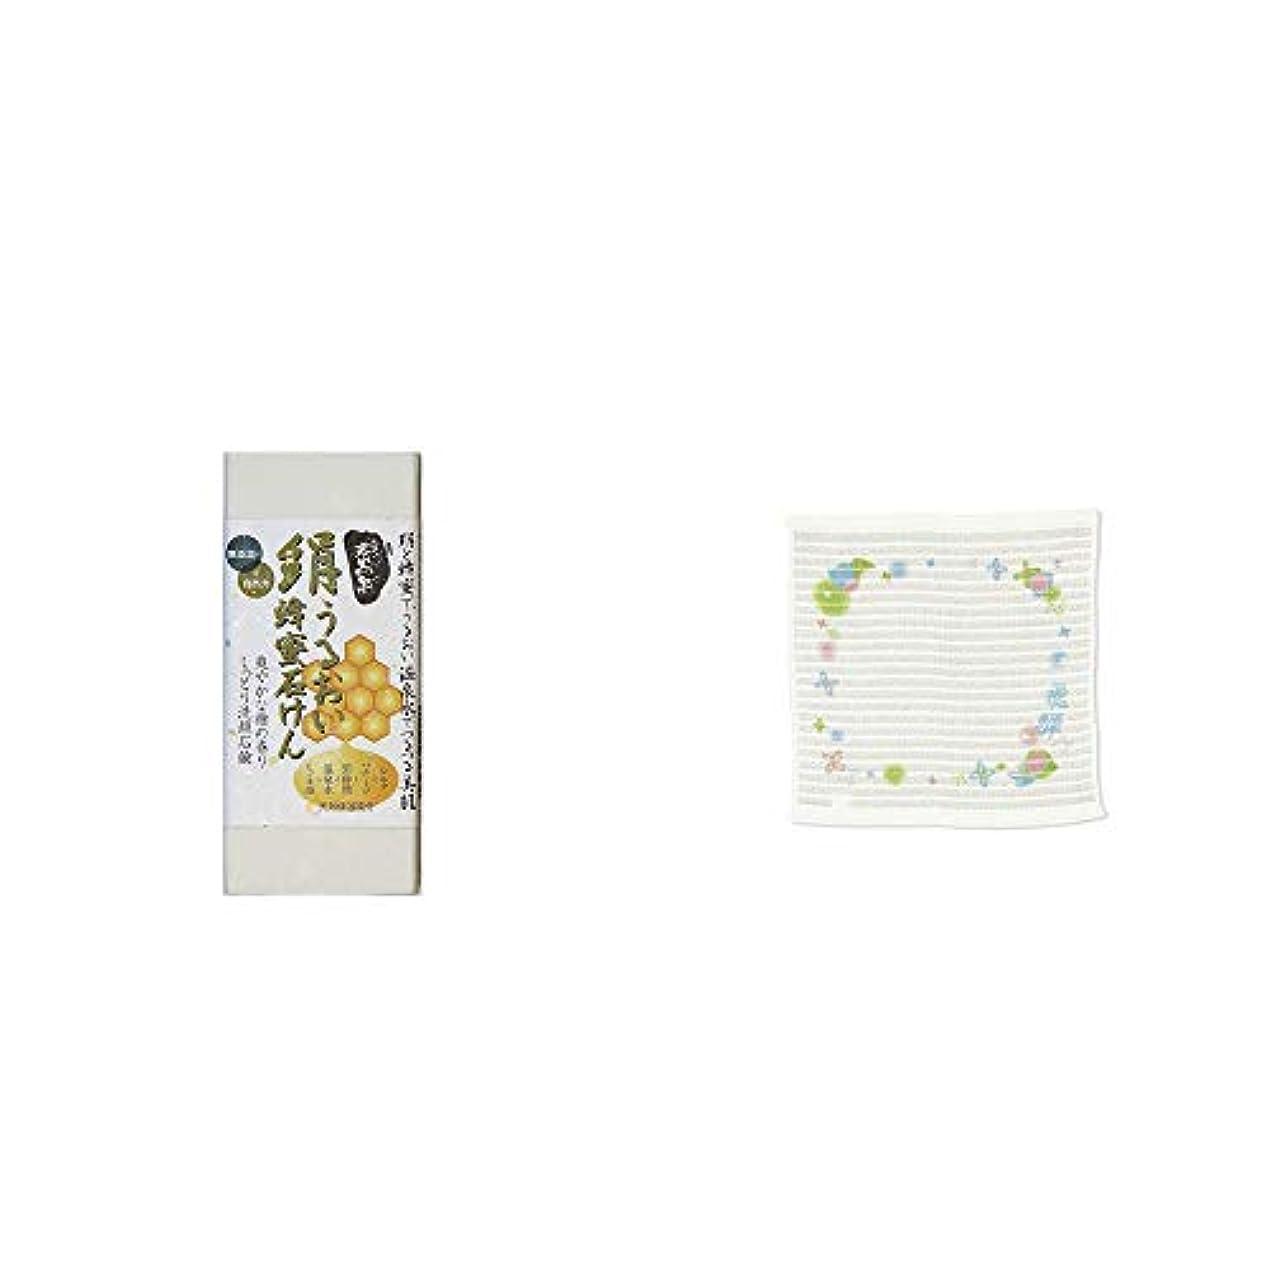 ボイドプロトタイプ後退する[2点セット] ひのき炭黒泉 絹うるおい蜂蜜石けん(75g×2)?(飛騨限定)さるぼぼ コラーゲンぷちたおる洗顔用【ホワイト】(綿100%)